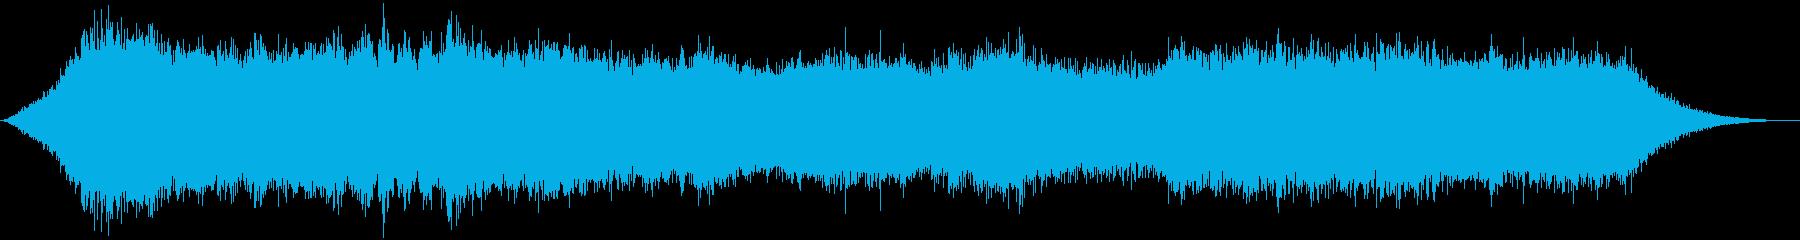 アクティビティオーケストラアトナル...の再生済みの波形